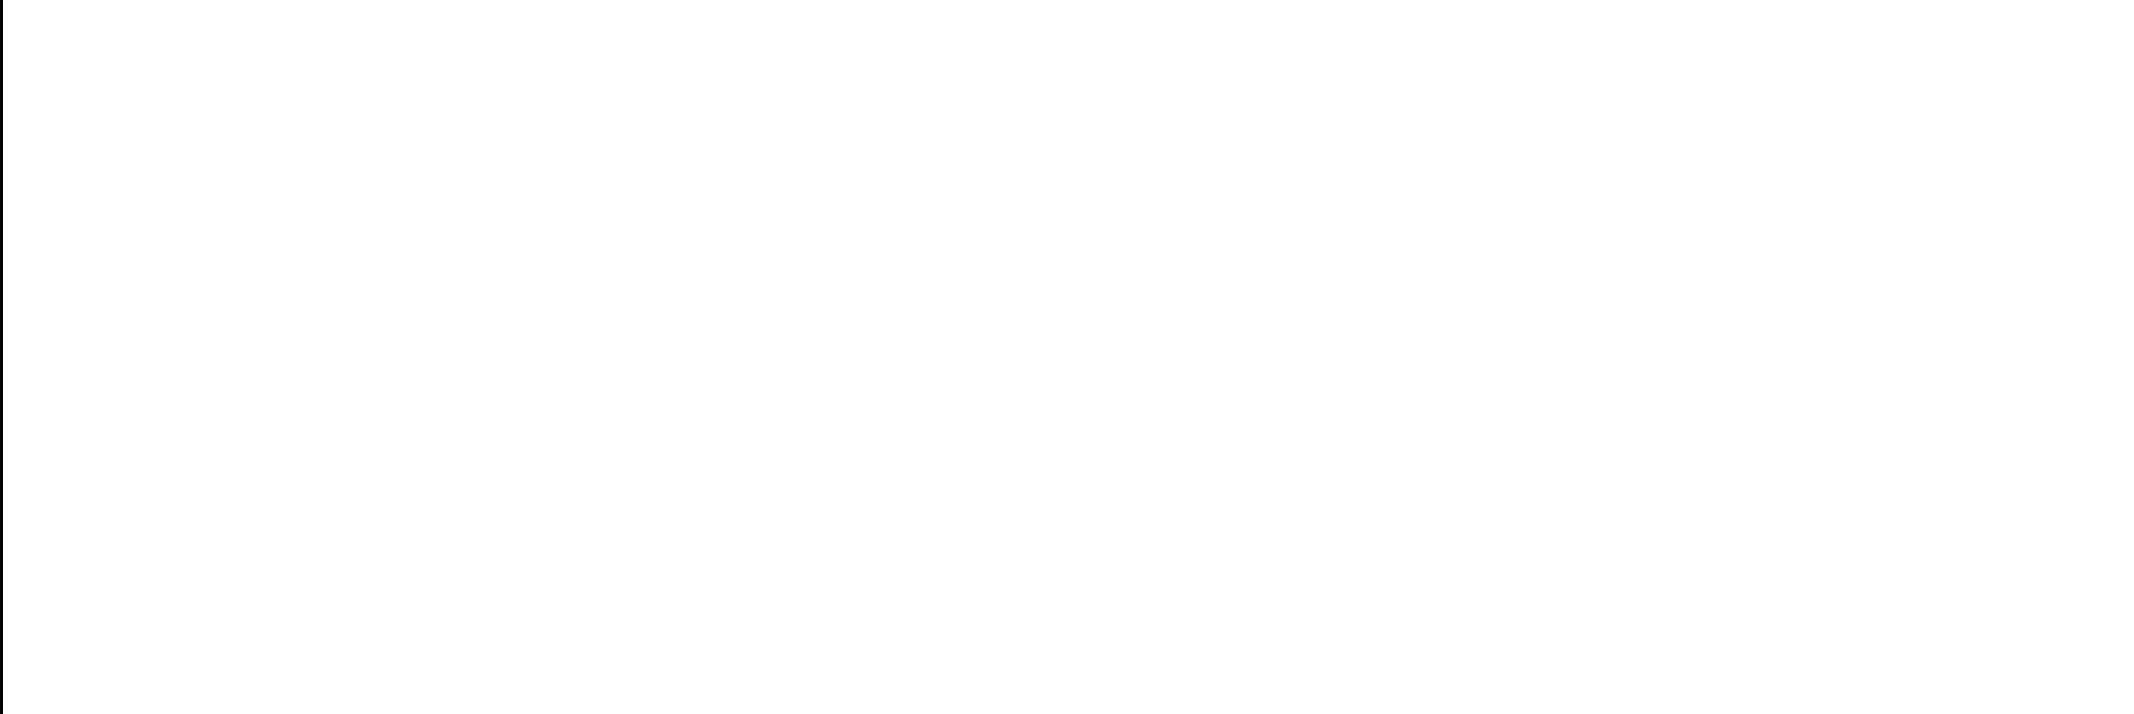 Warrior360logo horizontal white